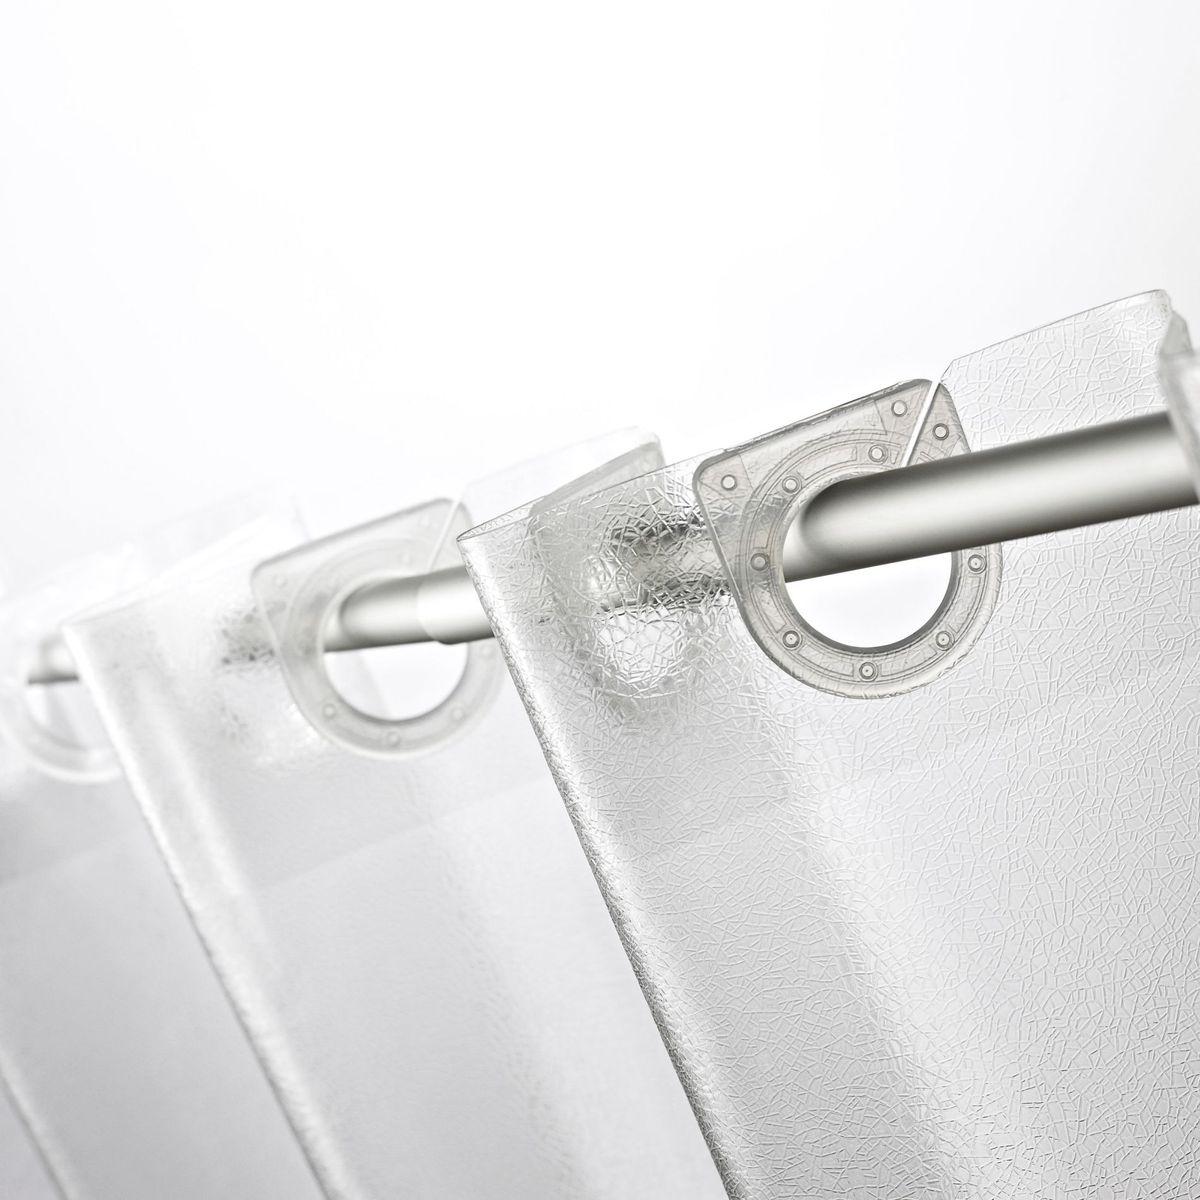 Штора для ванной комнаты Ridder Crashed Ice, 180 х 200 см6.295-875.0Высококачественная немецкая штора для душа создает прекрасное настроение.Продукты из эколена не имеют запаха и считаются экологически чистыми.Ручная стирка. Не гладить.